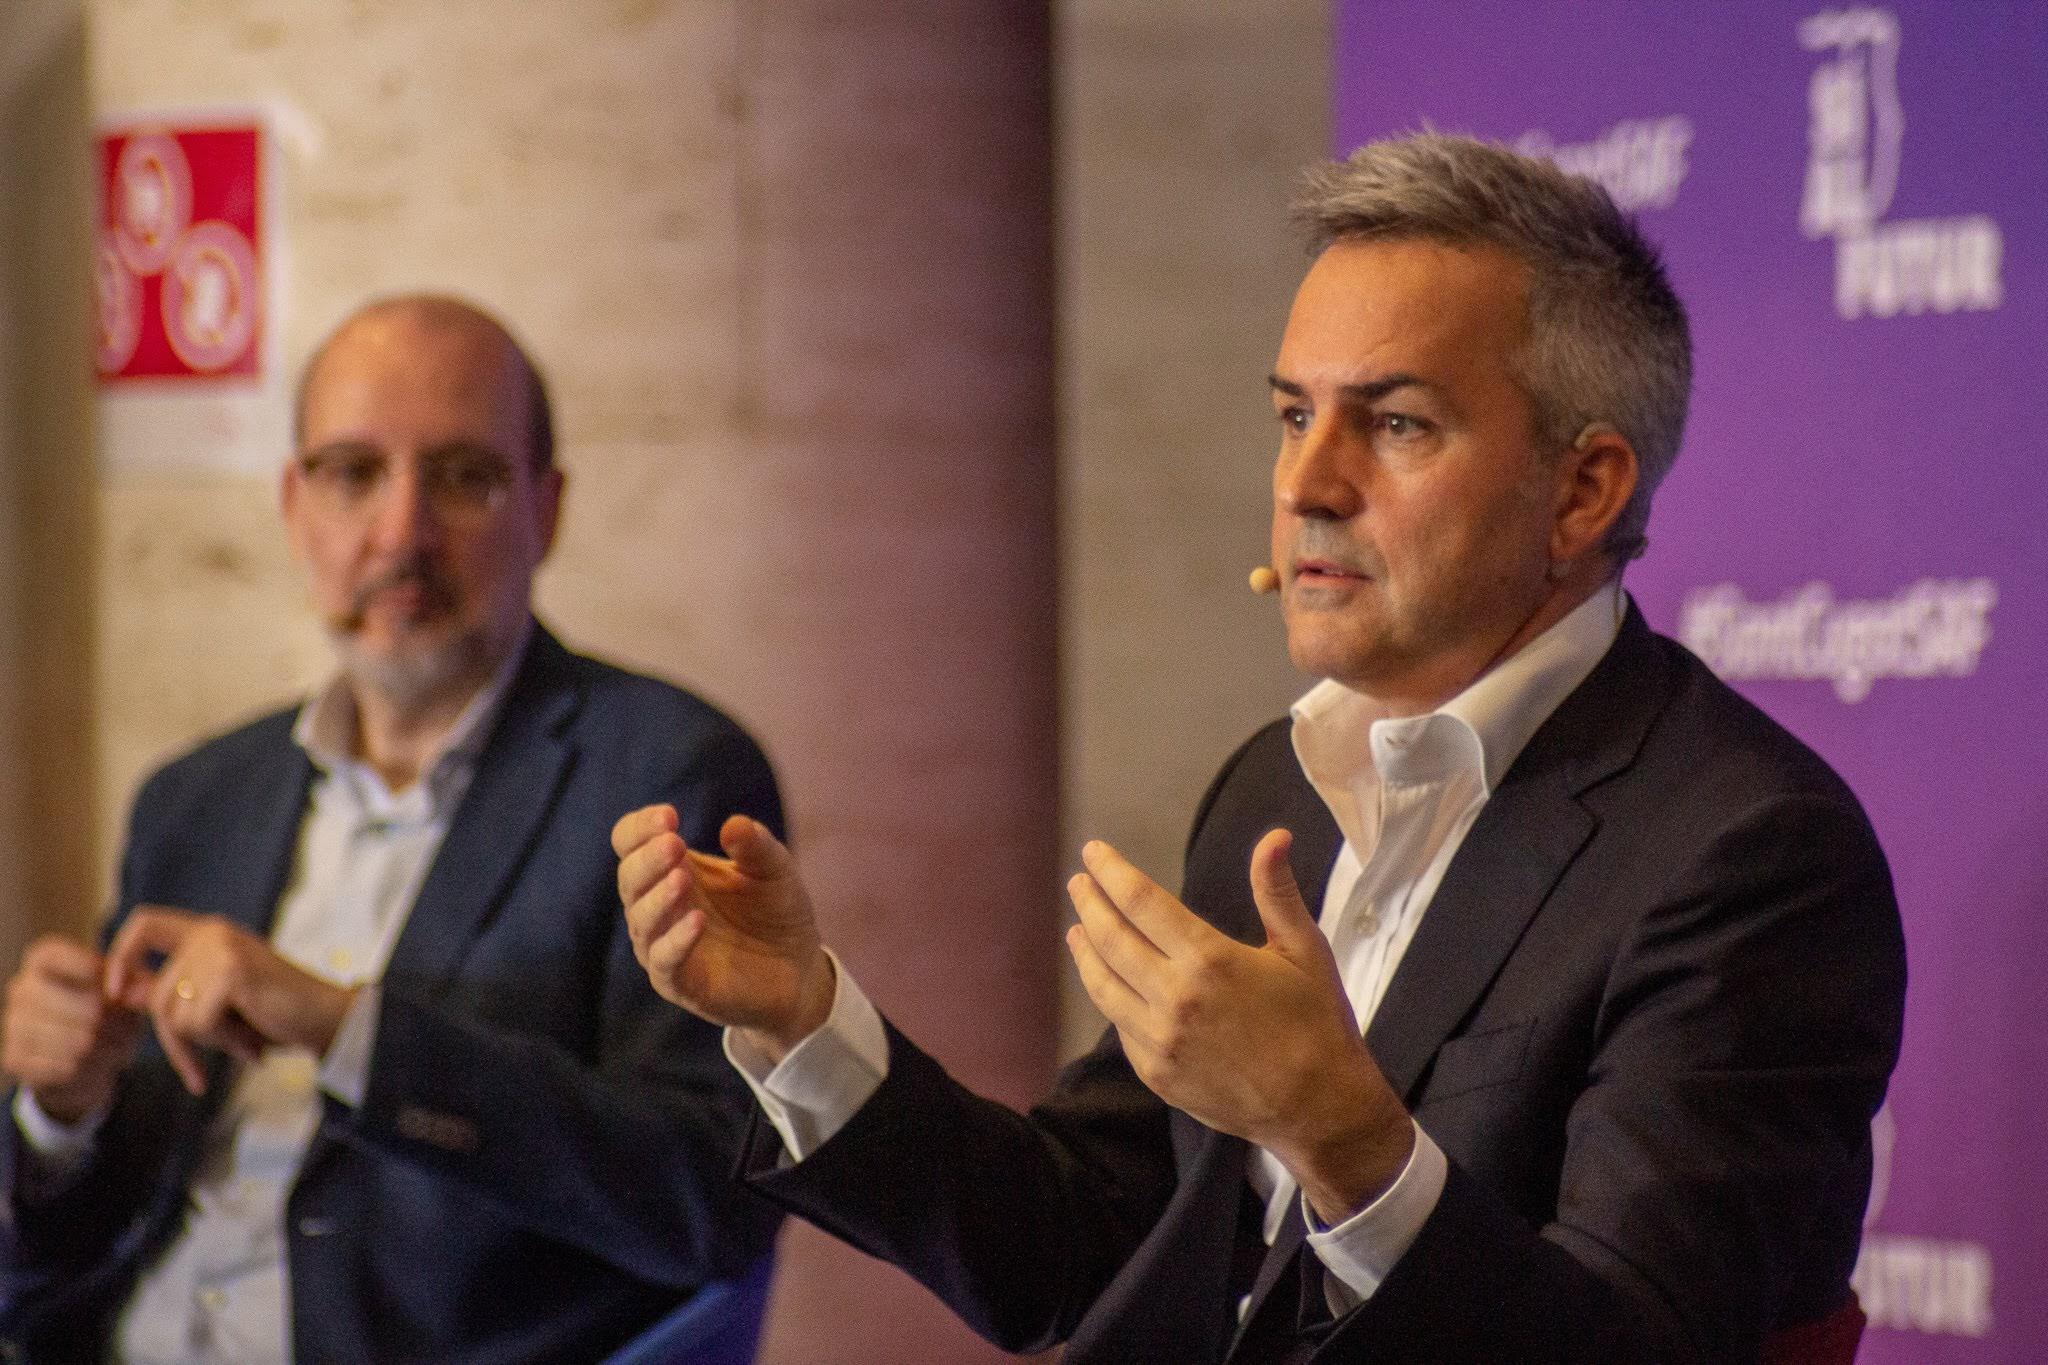 Sí al futur es presenta a tots els barcelonistes del Principat d'Andorra el dijous 8 d'octubre